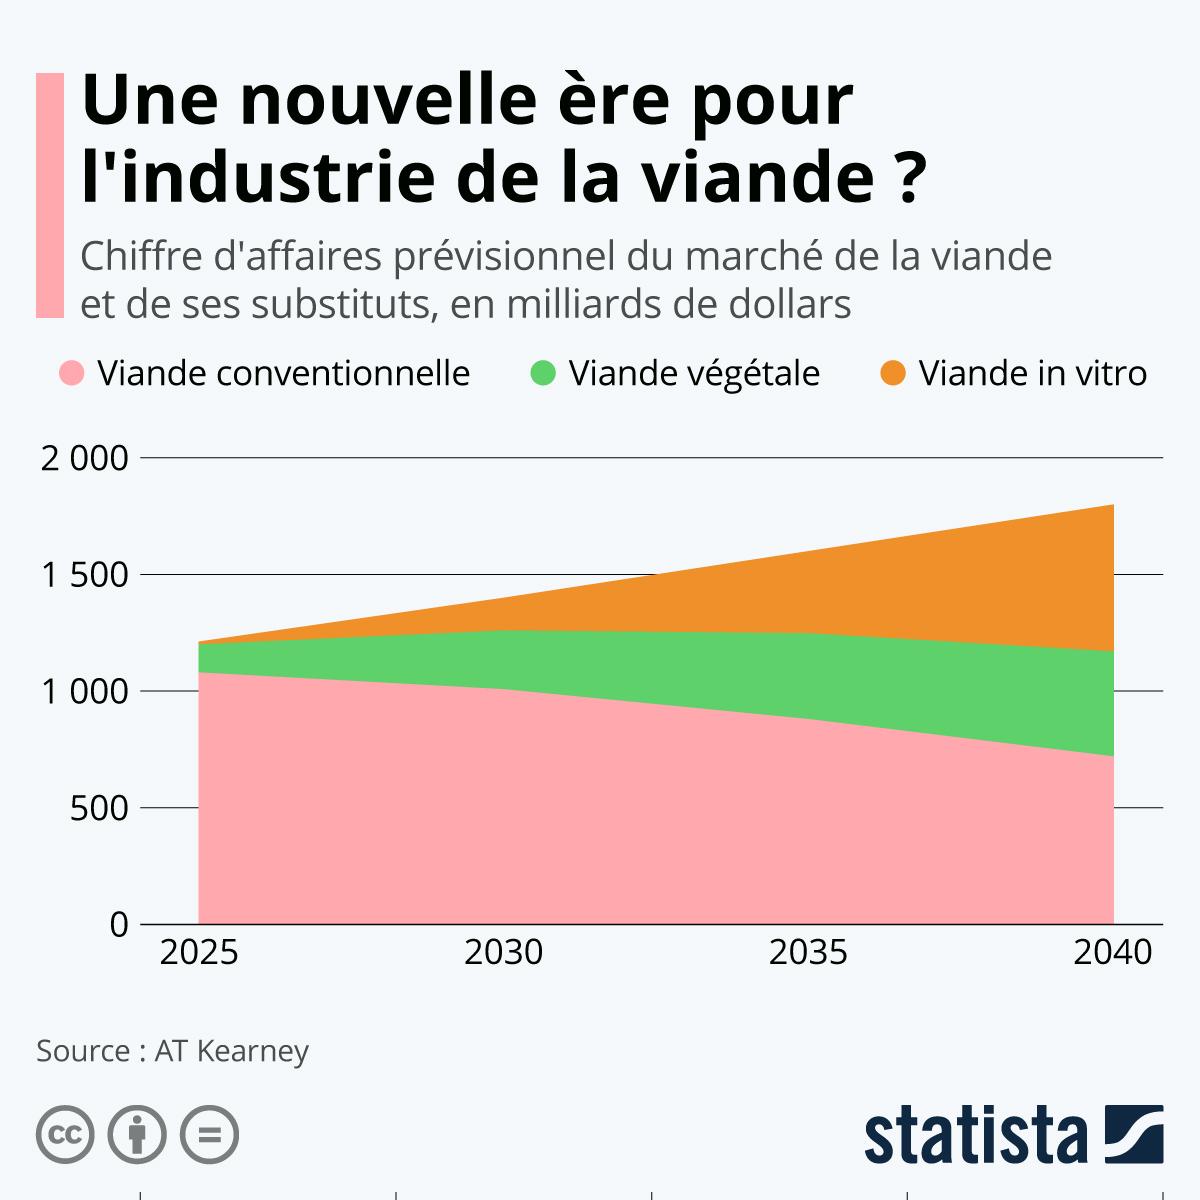 20537 - Une nouvelle ère pour l'industrie de la viande ? Statista